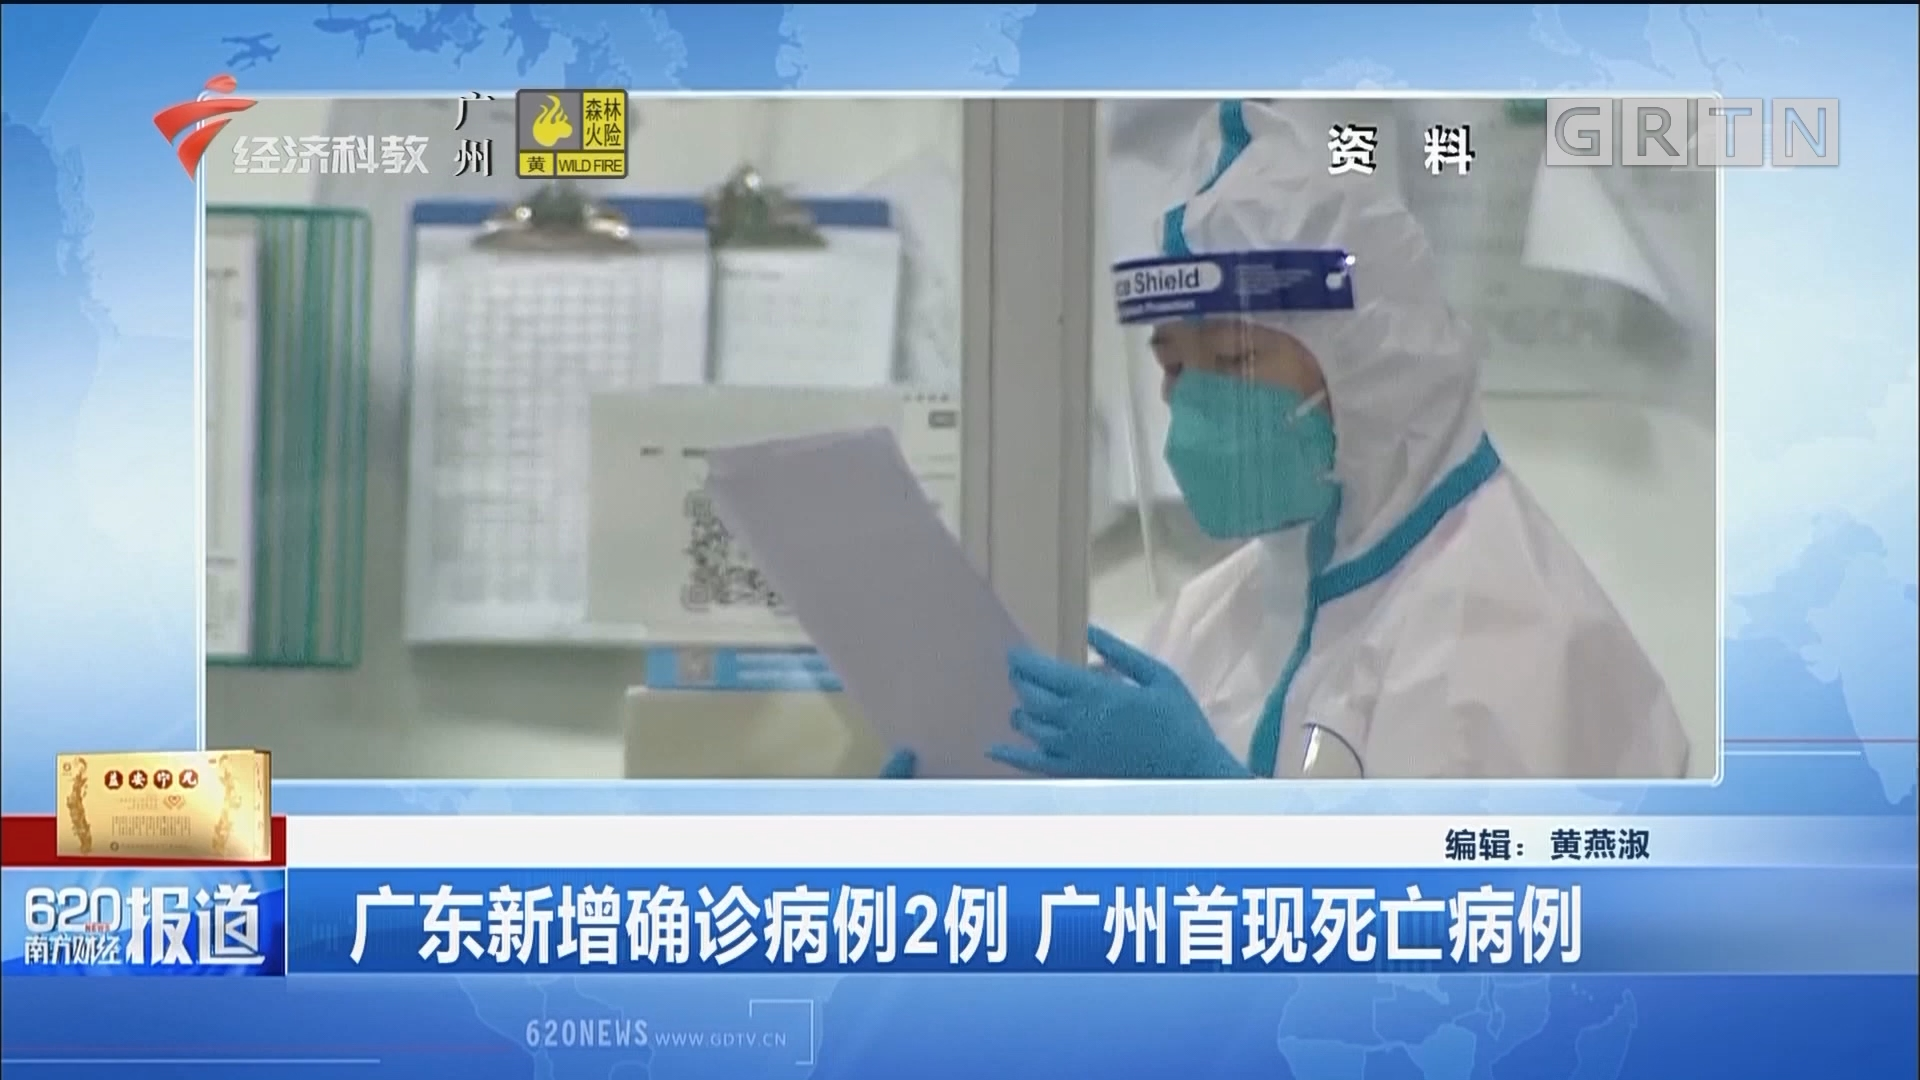 廣東新增確診病例2例 廣州首現死亡病例